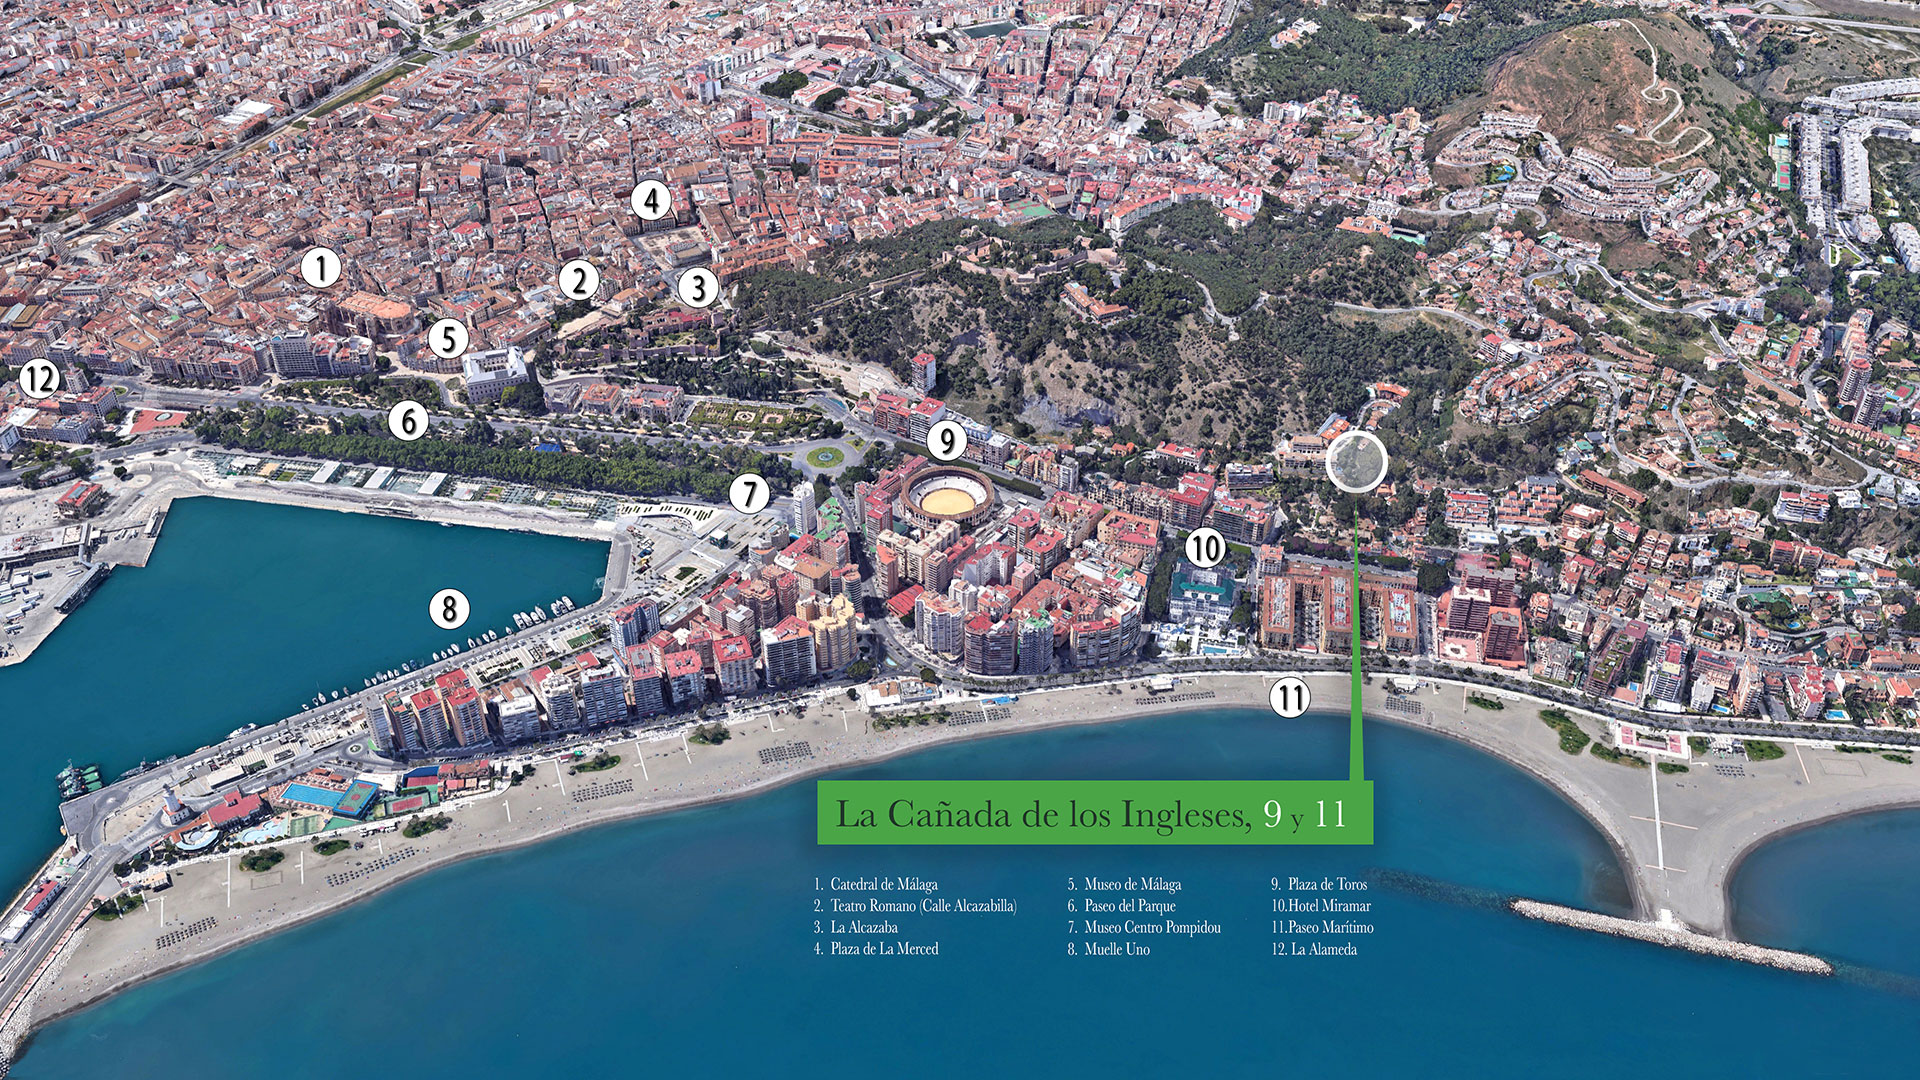 Vista aérea 2 donde se ubica la promoción La Ca 9 y 11